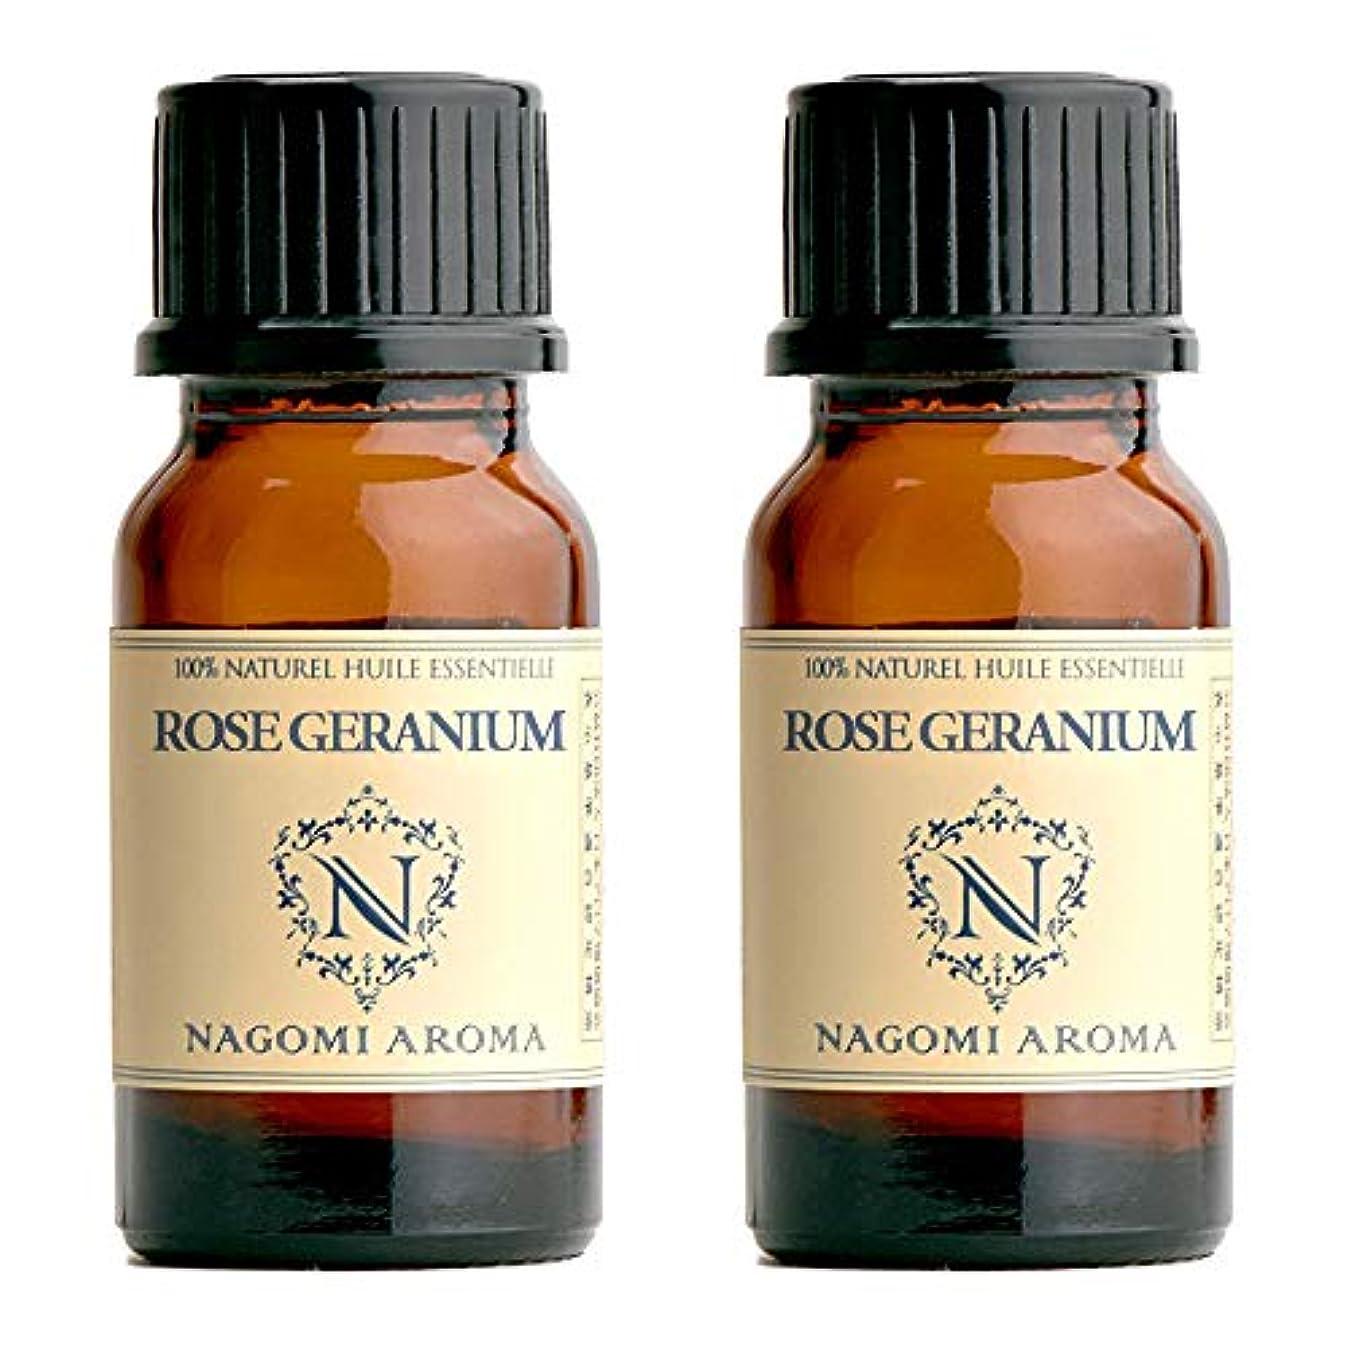 毒振りかける誘発するNAGOMI AROMA ローズゼラニウム 10ml 【AEAJ認定精油】【アロマオイル】 2個セット